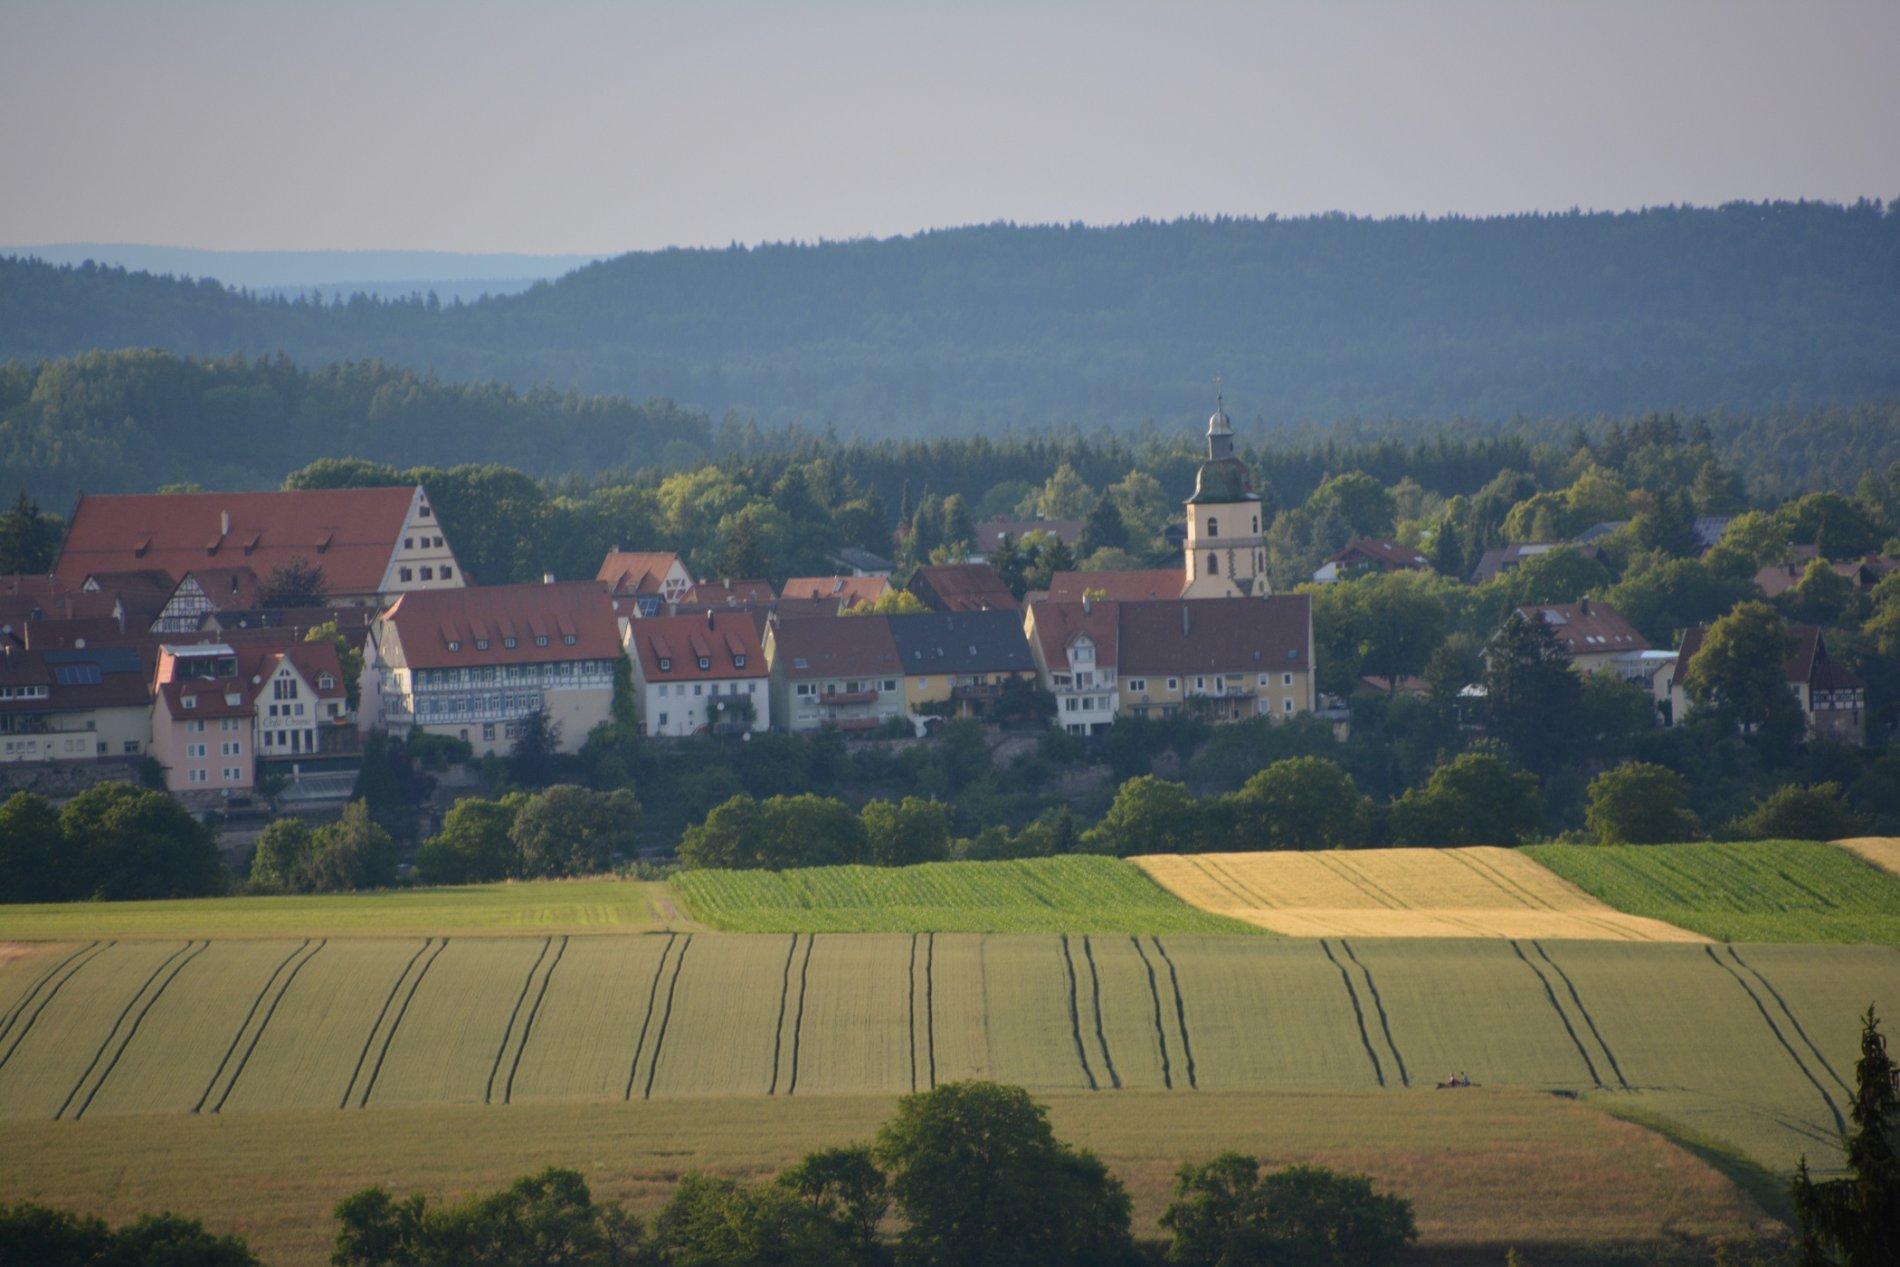 Blick auf die Altstadt Rosenfeld